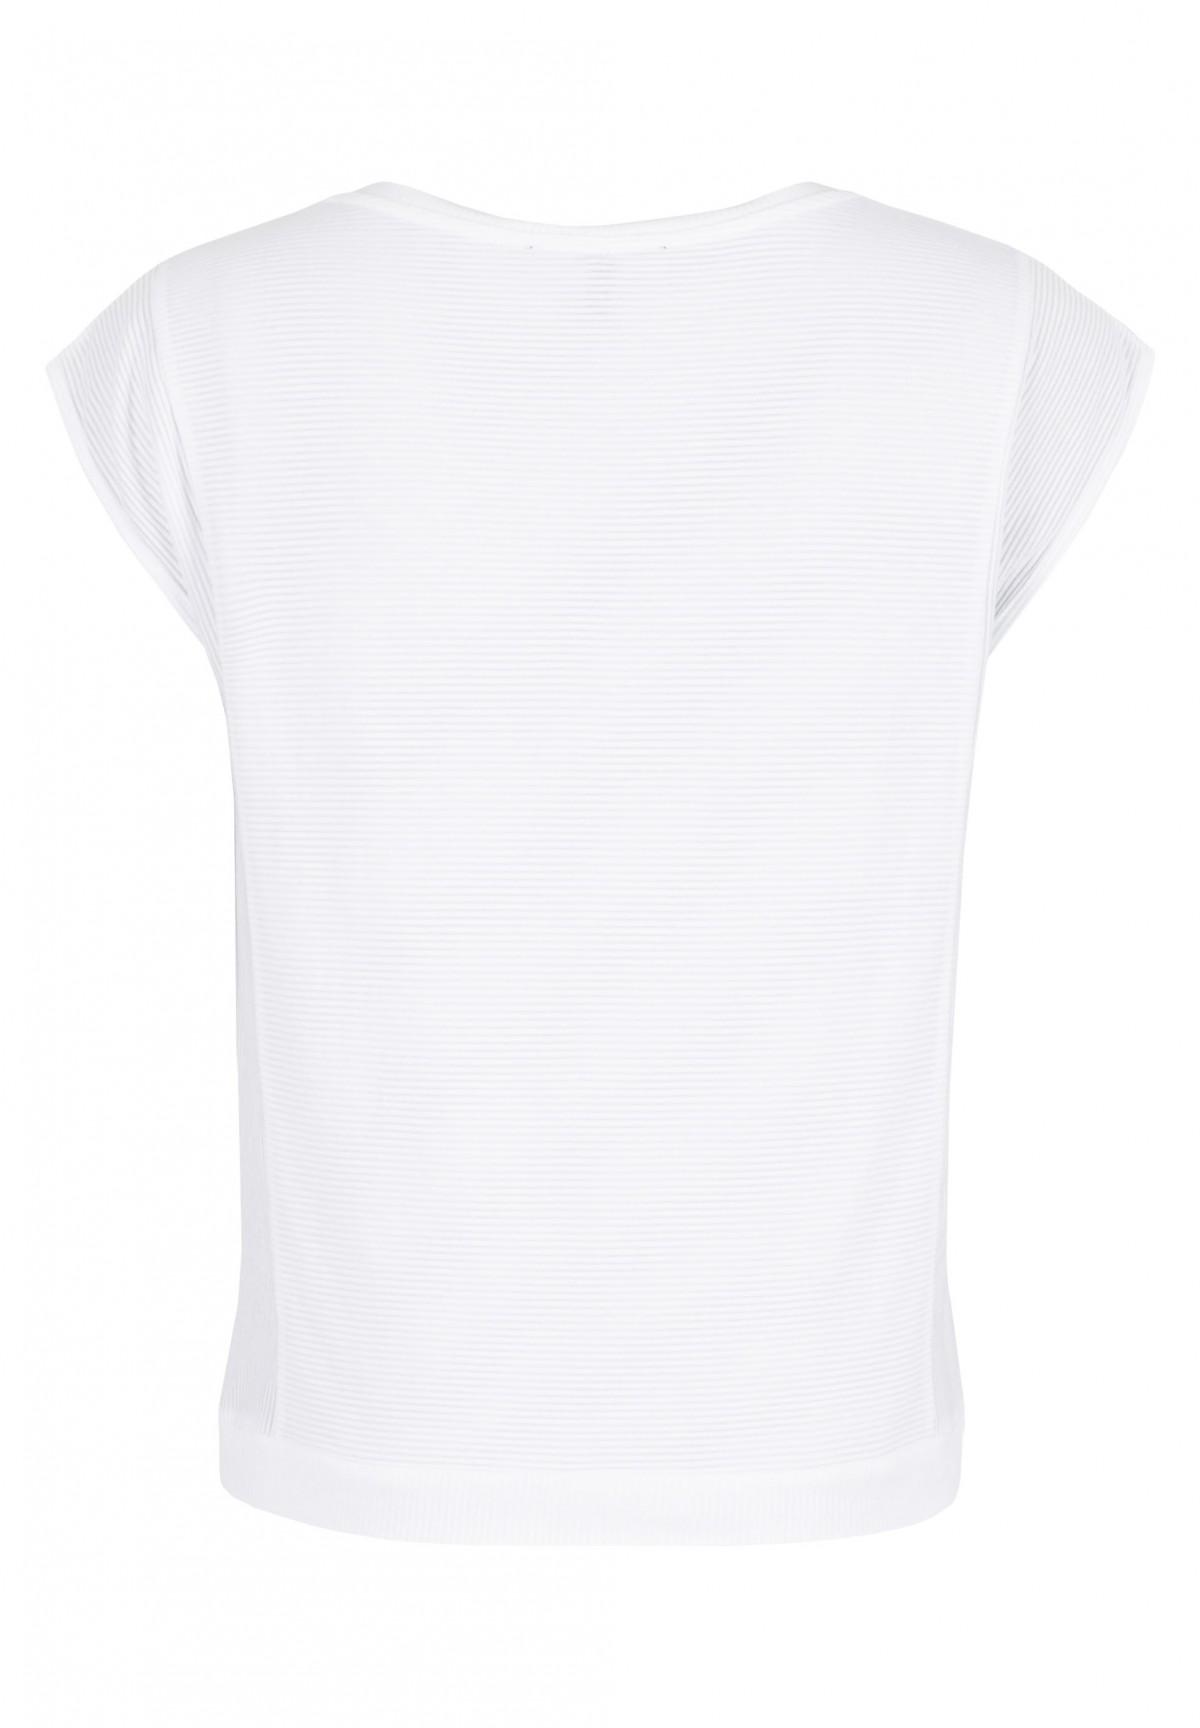 Shirt mit Streifen-Muster / Shirt